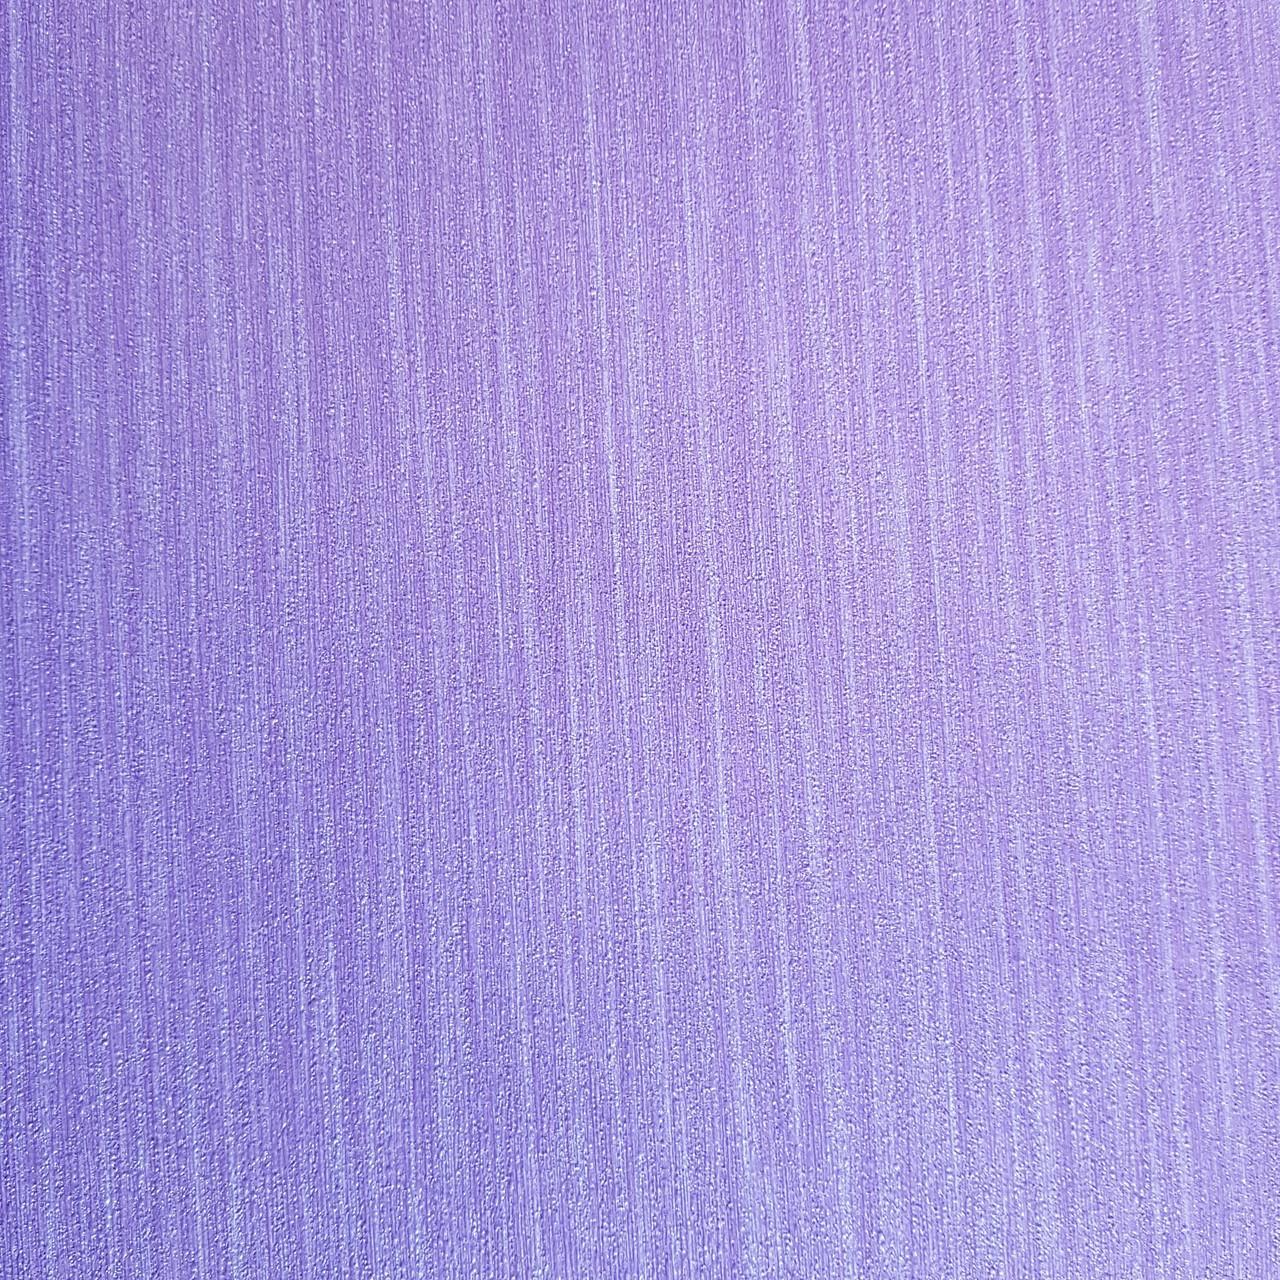 Шпалери метрові вінілові на флізелін дизайнерські Erismann Elle однотонні тонка смужка під тканину бузковий